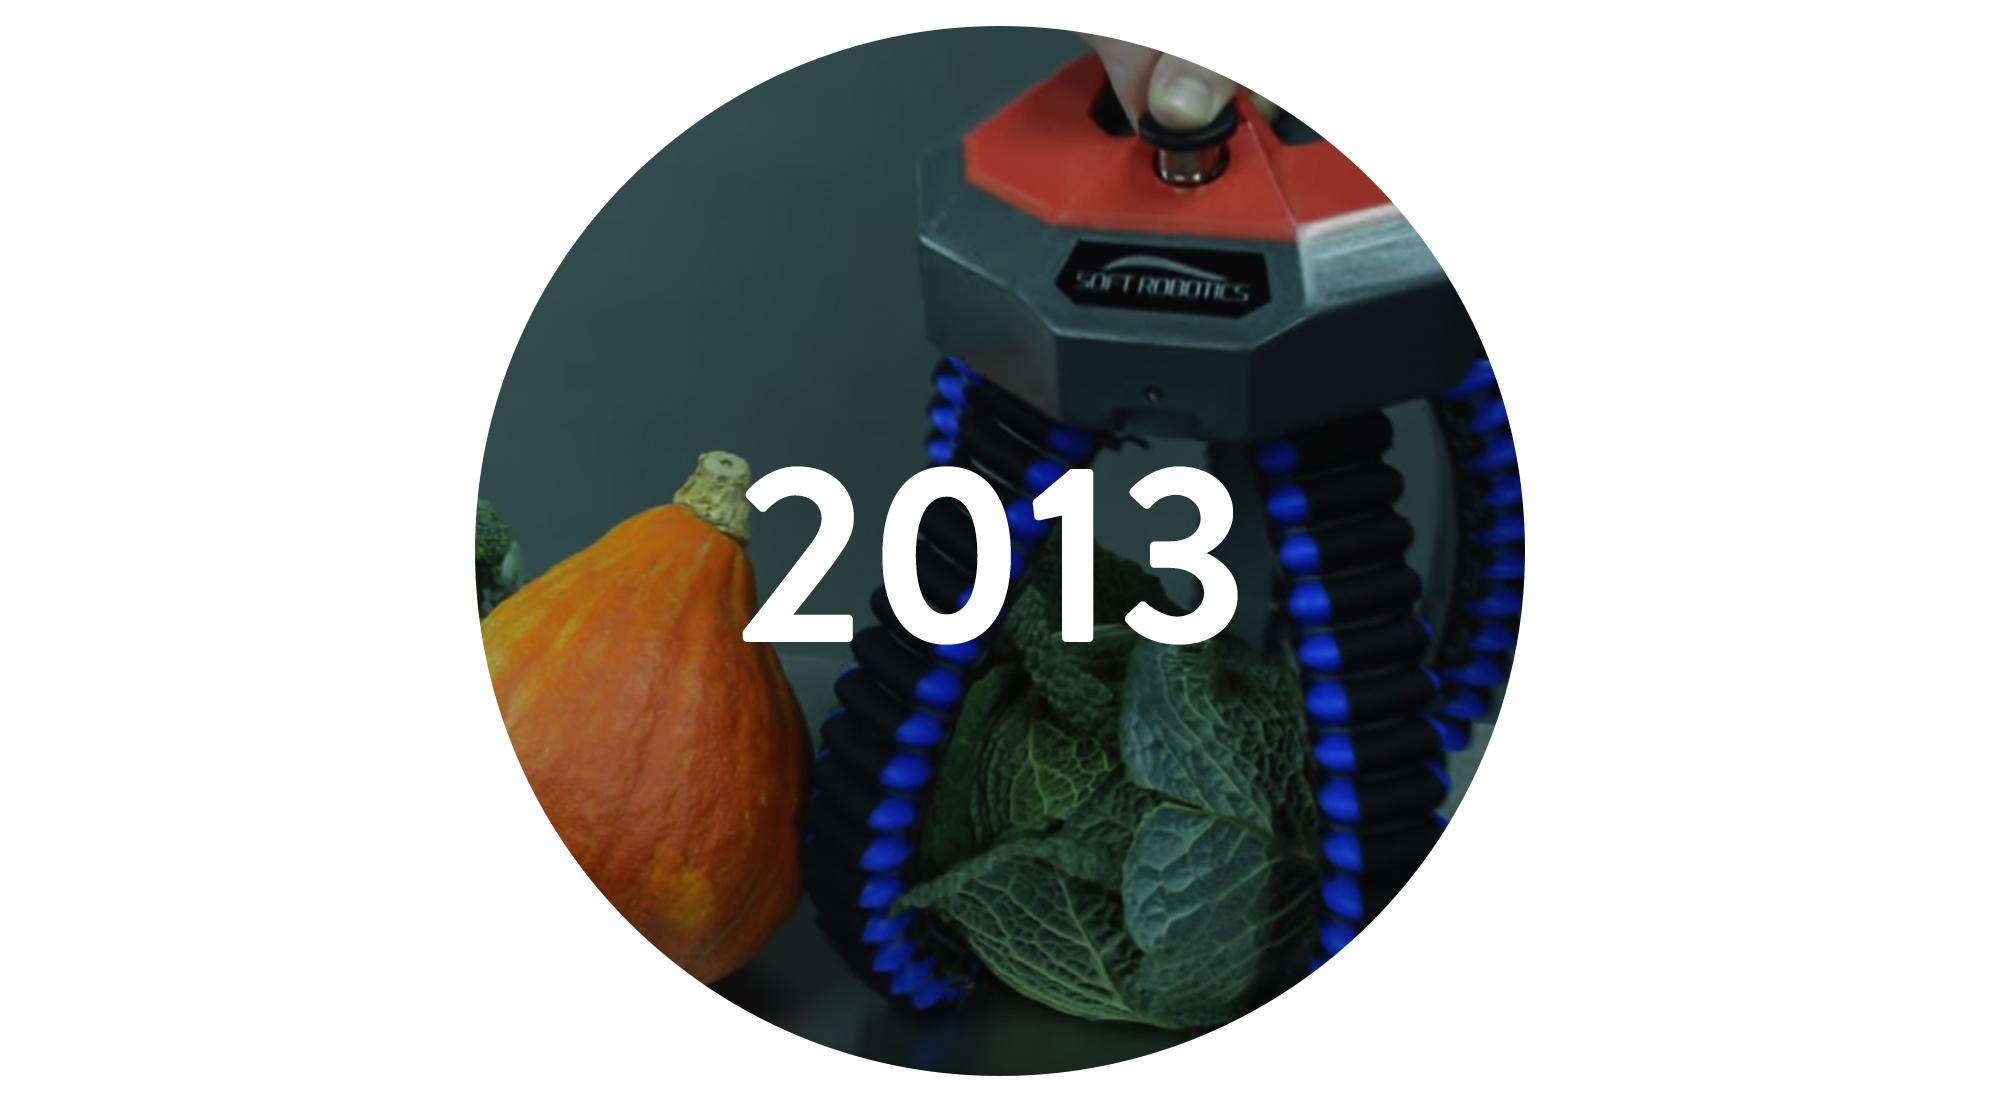 timeline years_0001_2013.jpg